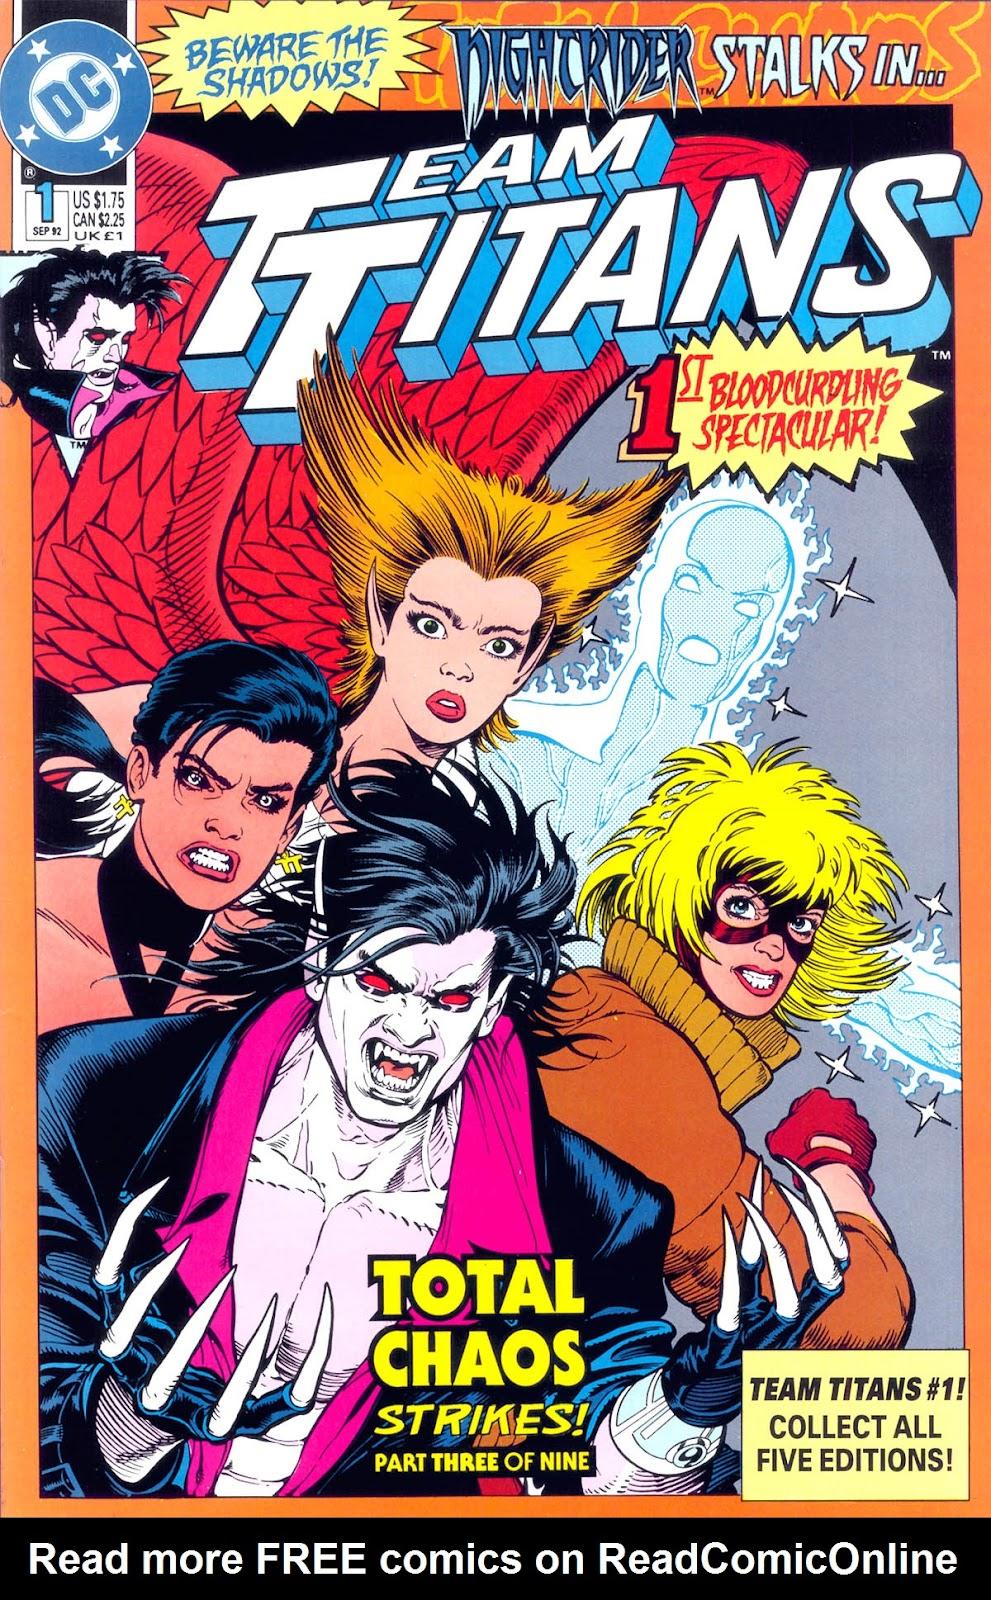 Read online Team Titans comic -  Issue #1c - 1